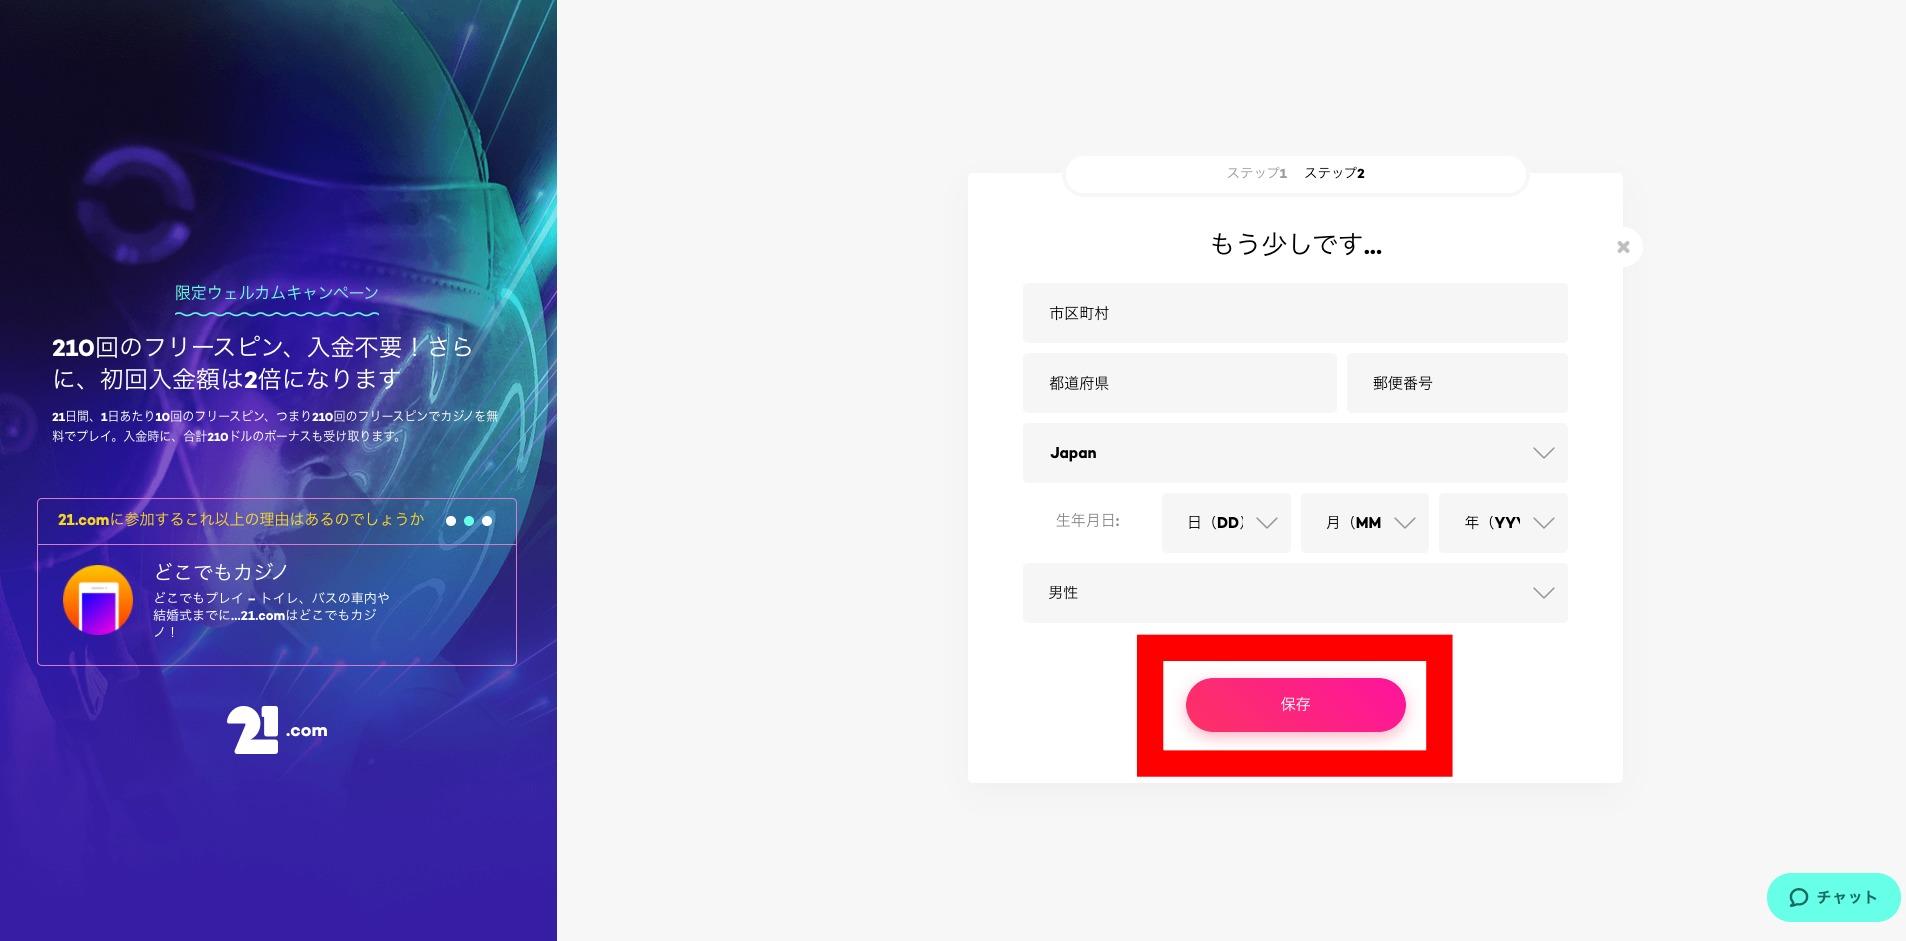 21.comの登録画面3